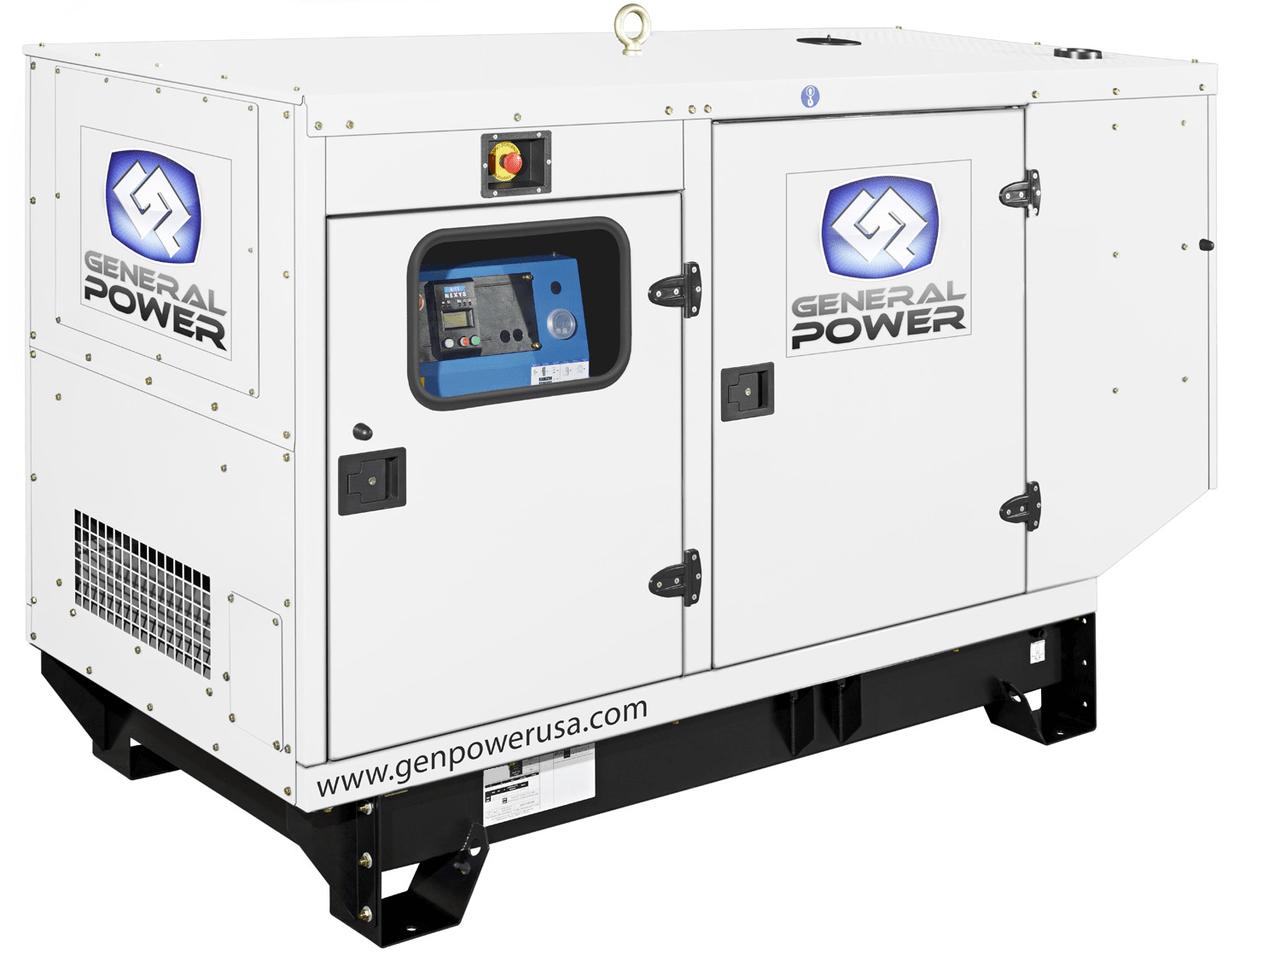 100 kw diesel generator john deere diesel generator cat 22 kw generator cat 350 kw generator wiring diagram [ 1280 x 979 Pixel ]